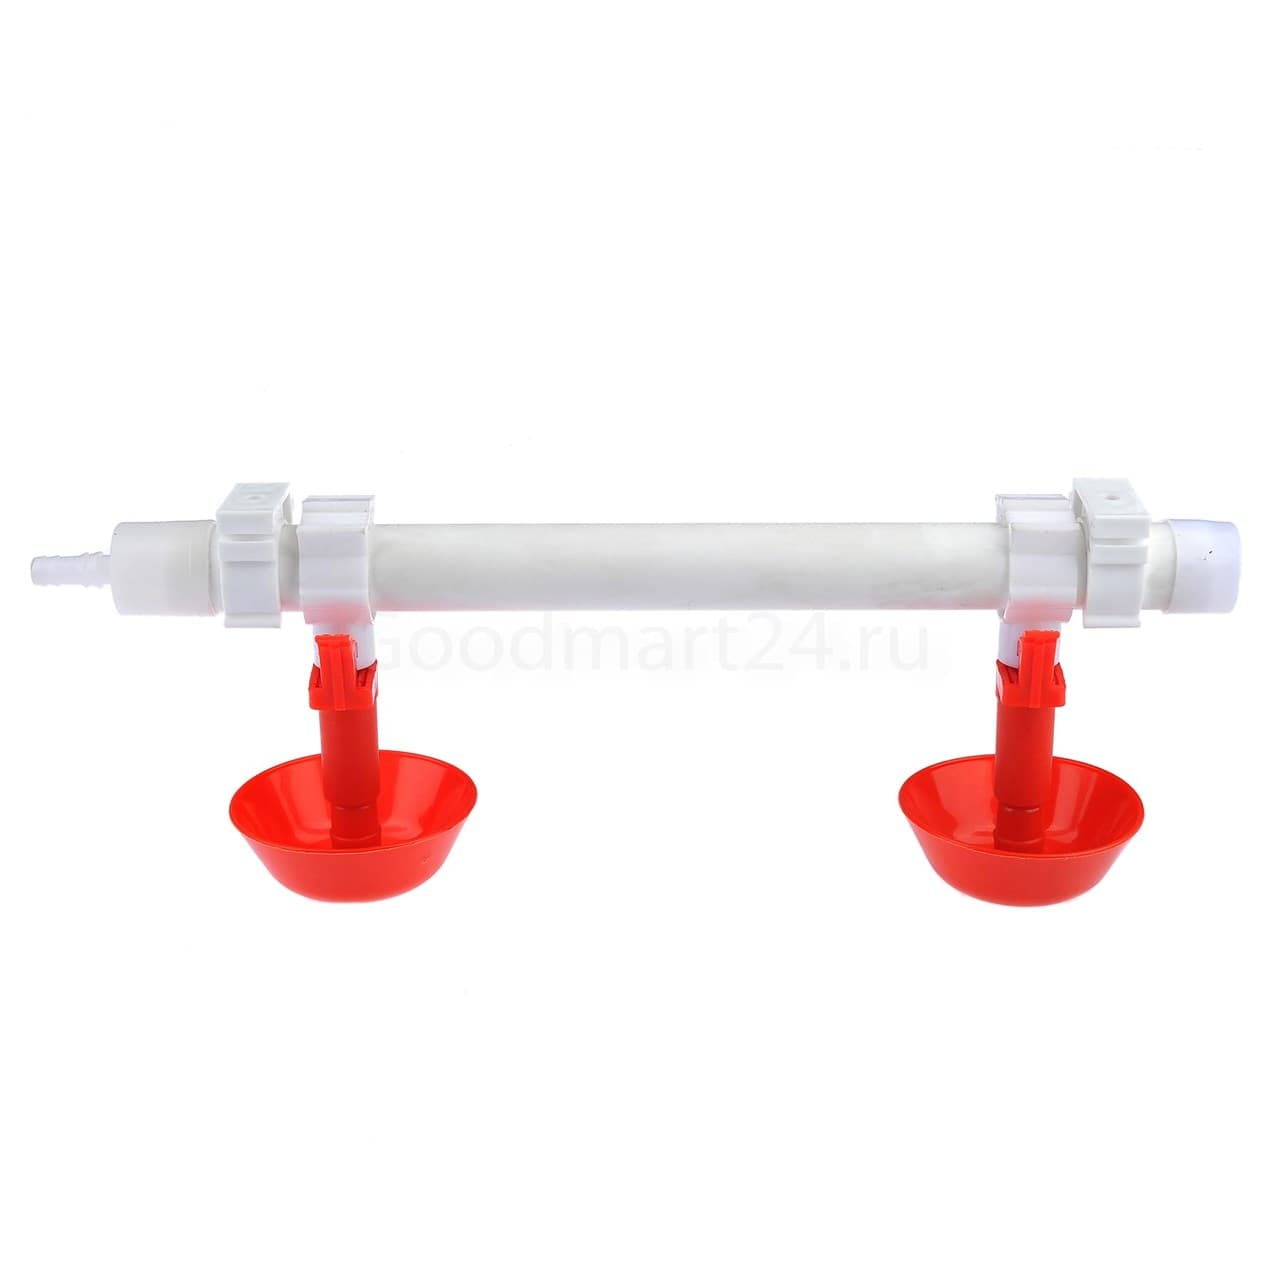 Система ниппельного поения - 30 см арт. 3082 - фото 9861